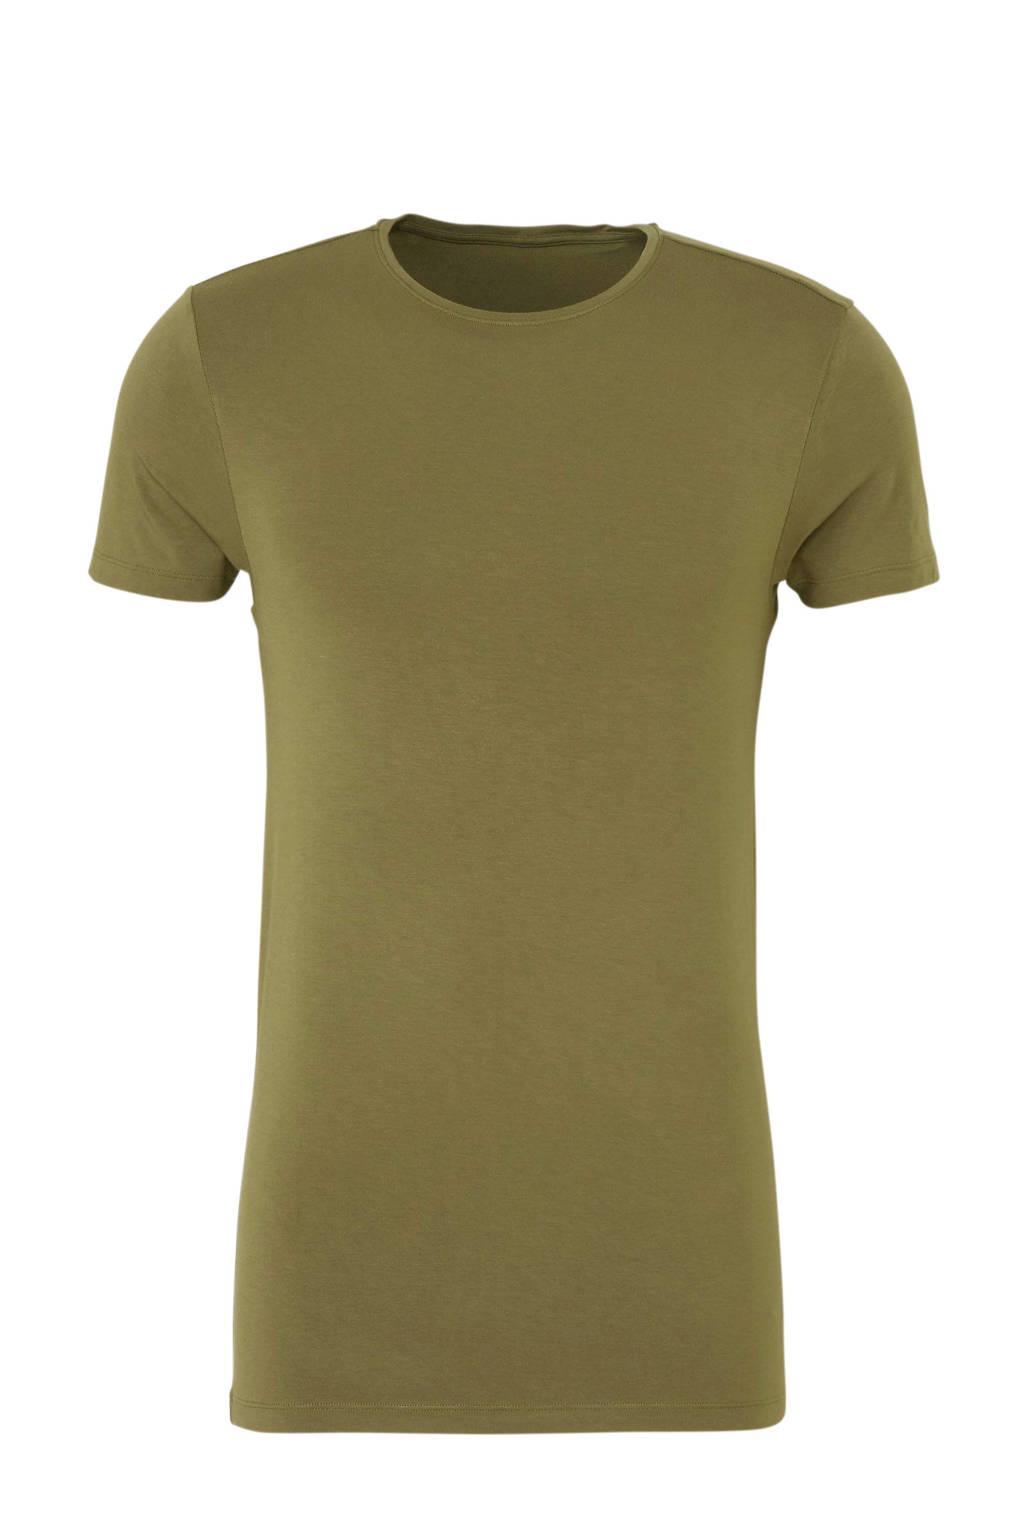 ten Cate Men Bamboo bamboe T-shirt groen, Olijfgroen